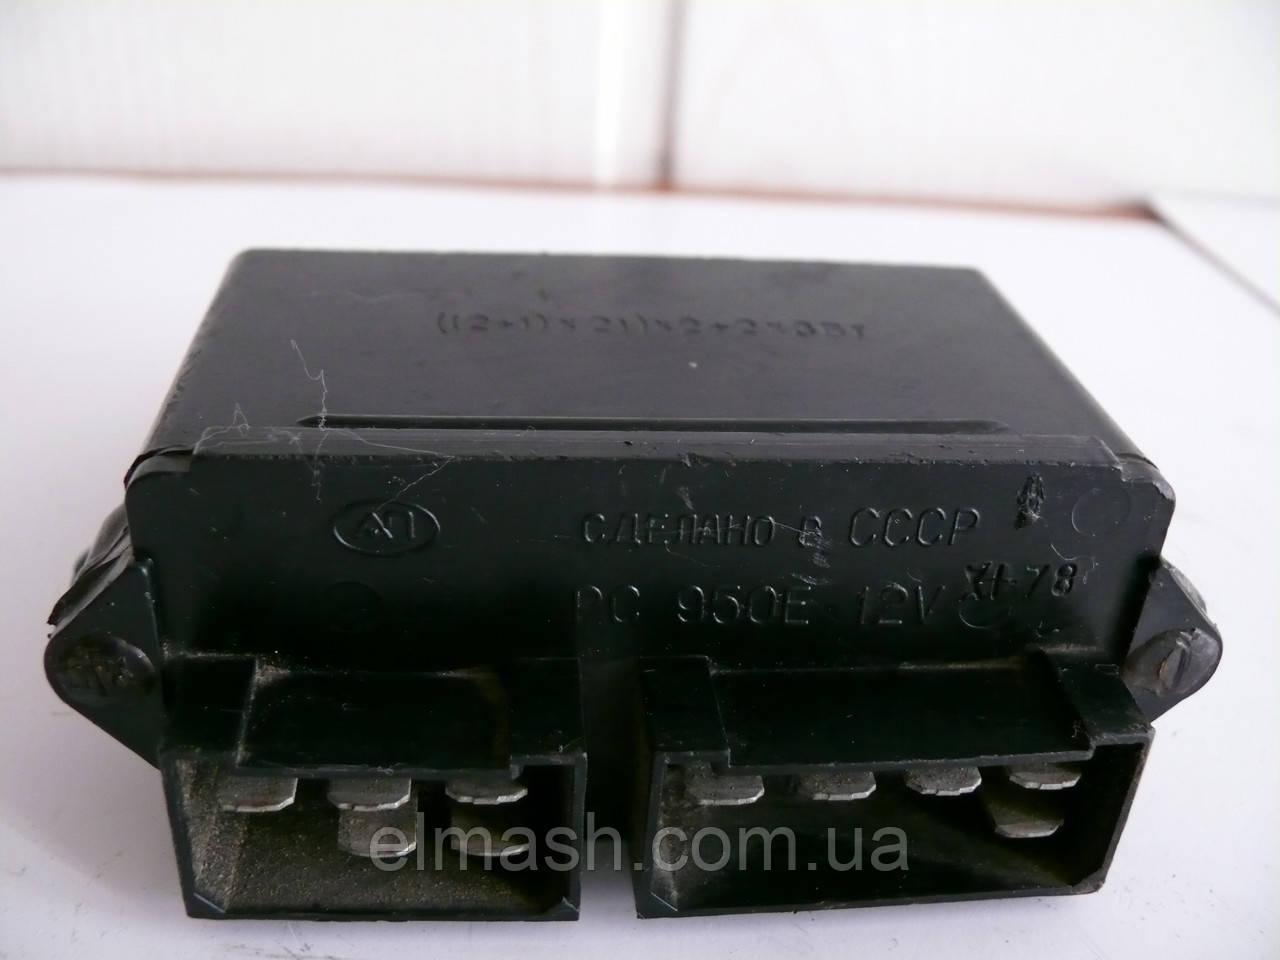 Реле поворотов РС950 ЗИЛ, ПАЗ, фото 1